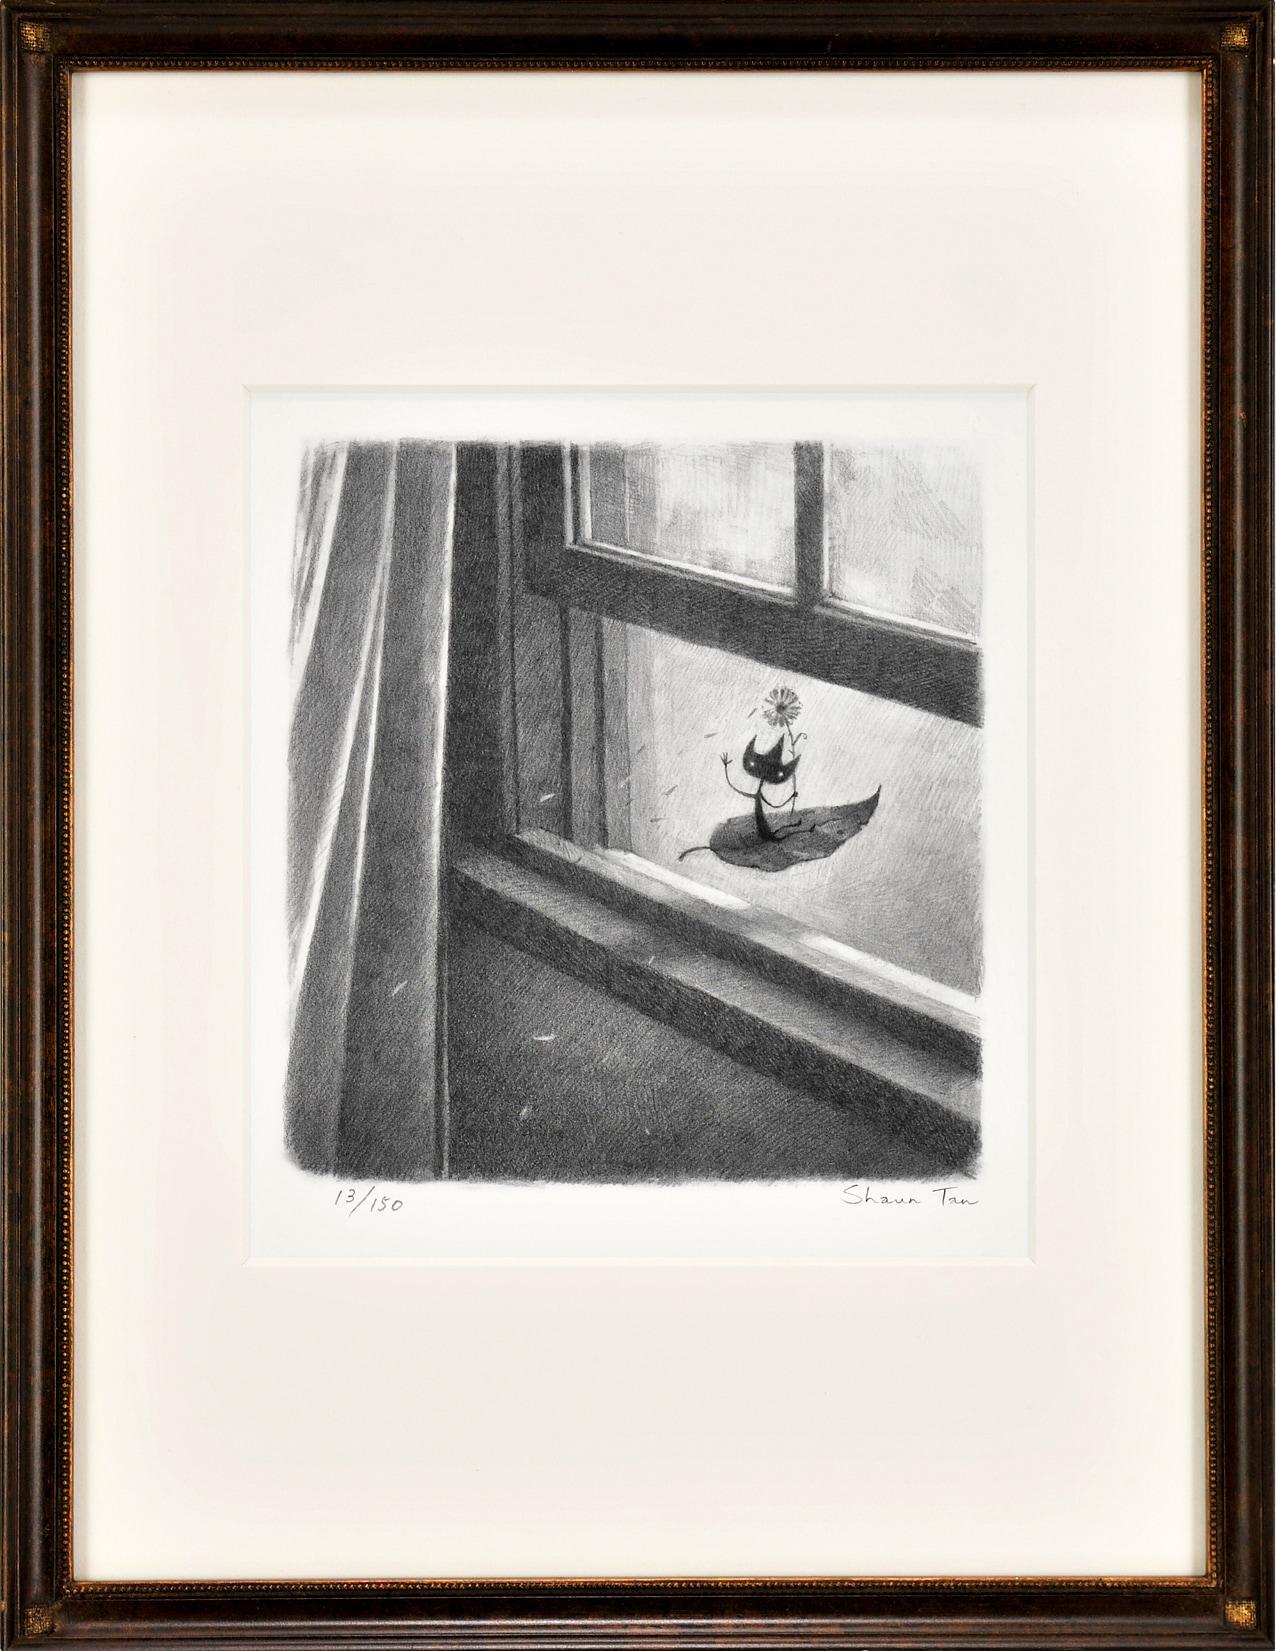 ショーン・タン 版画「エリック」の画像